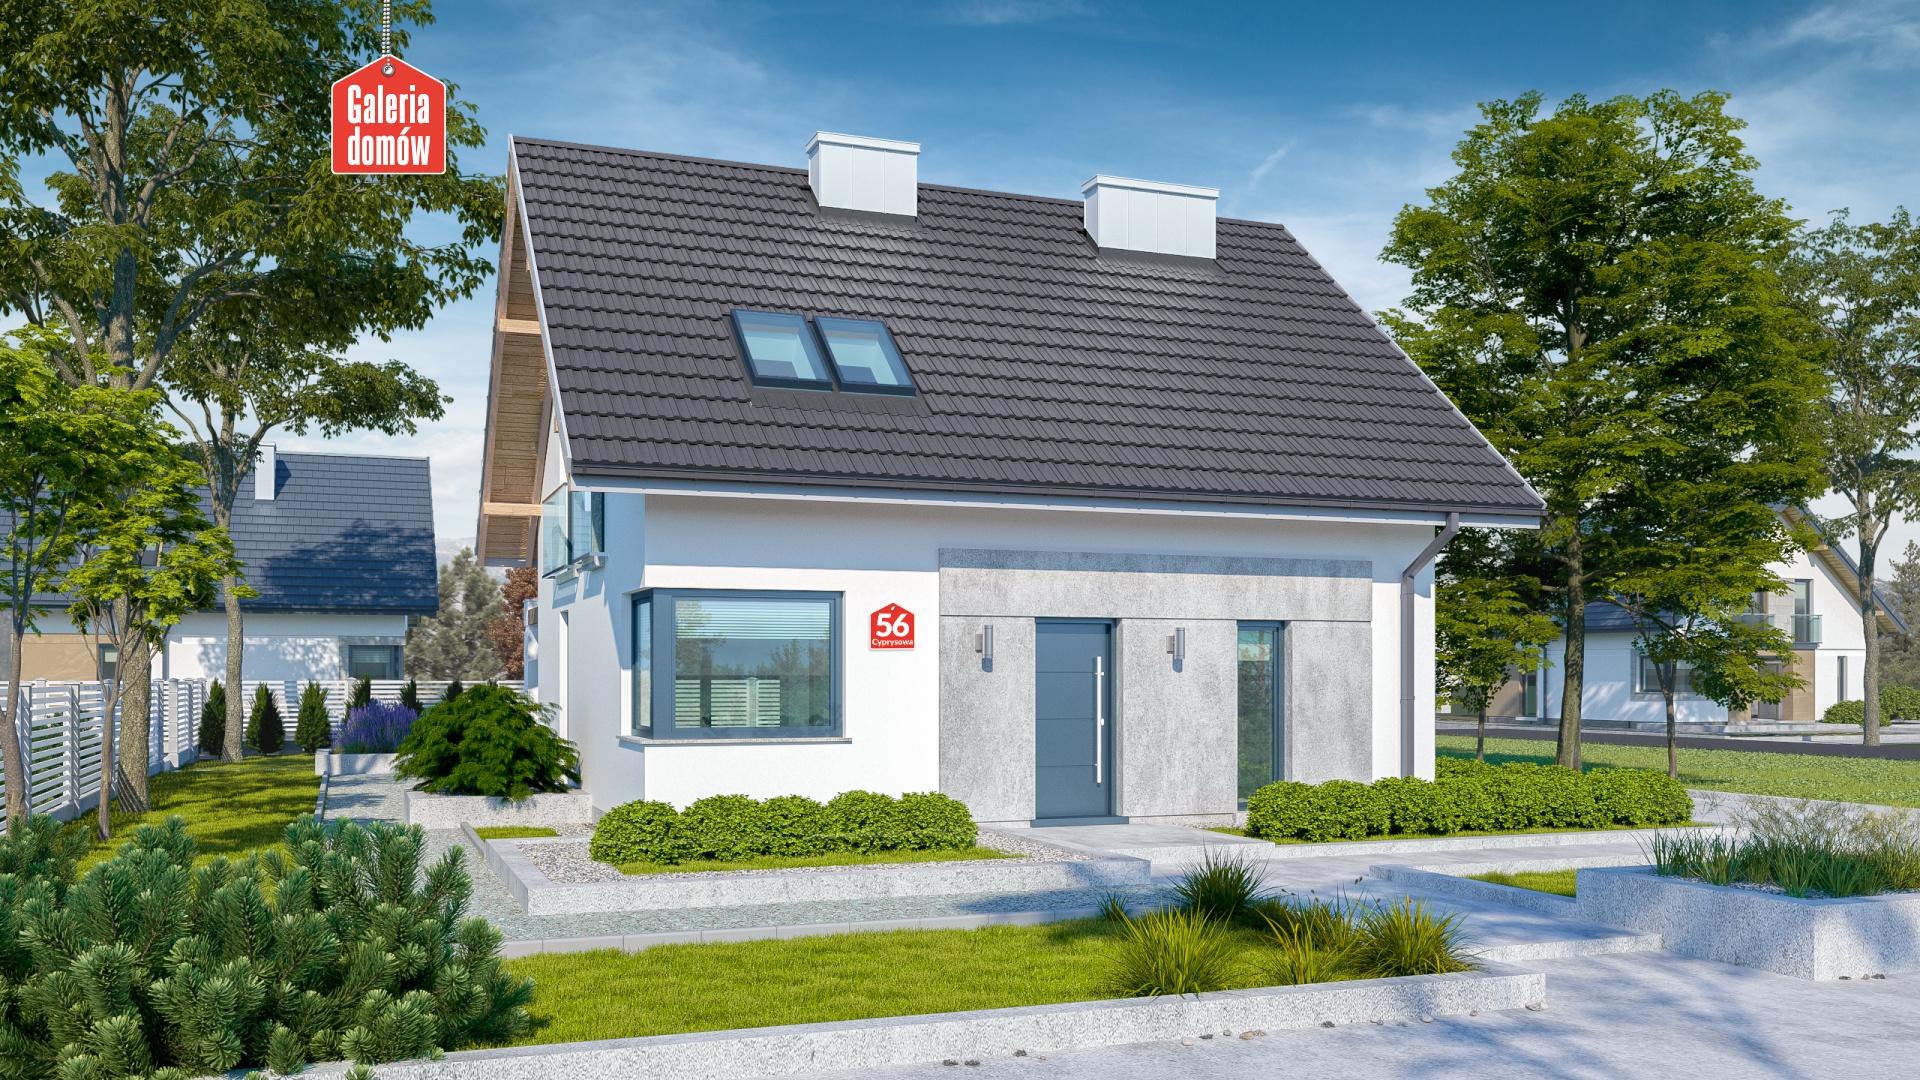 Dom przy Cyprysowej 56 - zdjęcie projektu i wizualizacja